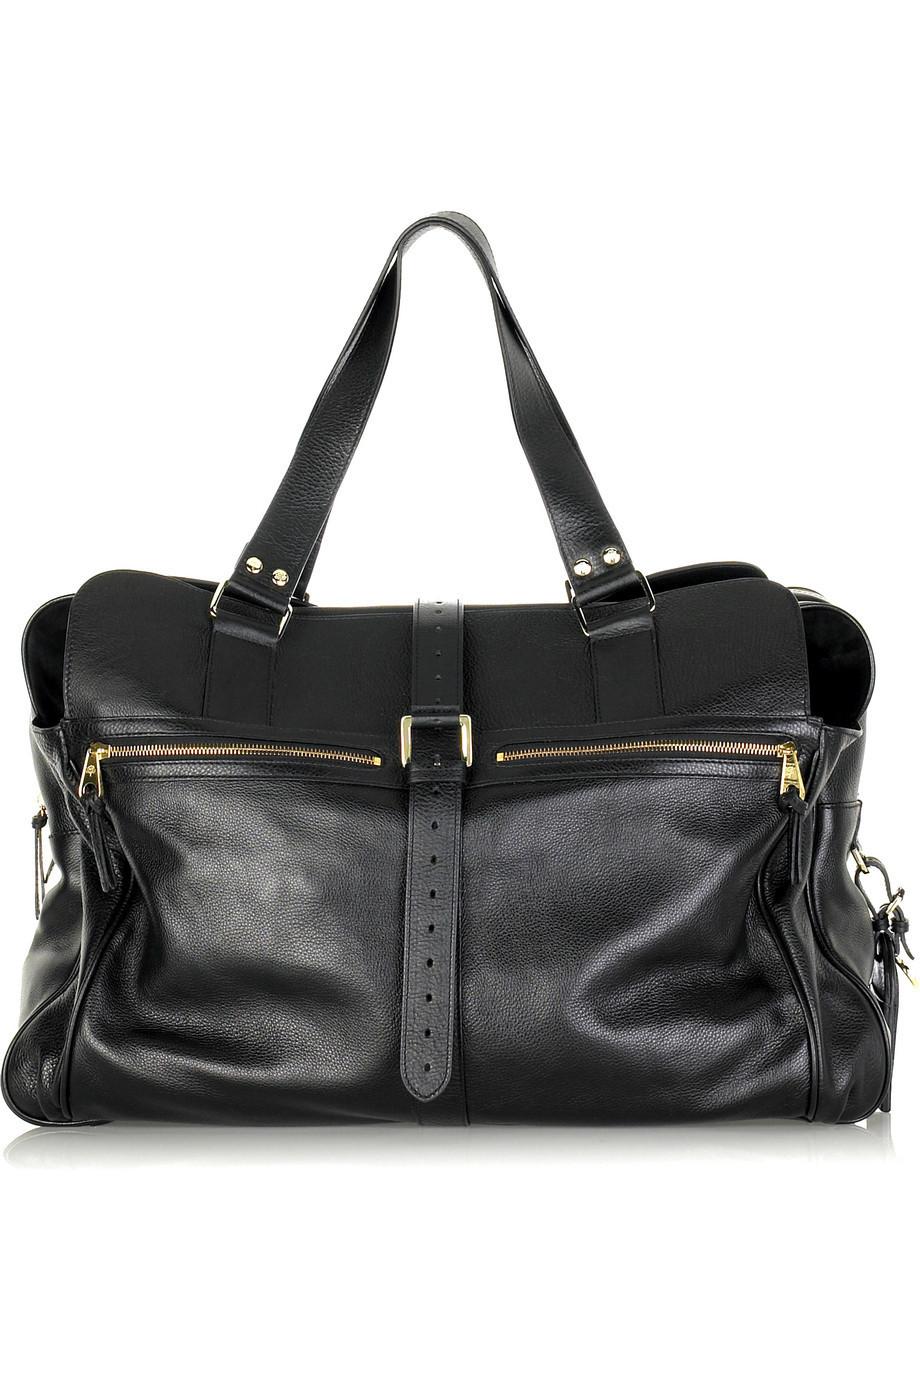 Mulberry Maxi Mabel shoulder bag  | NET-A-PORTER.COM from net-a-porter.com